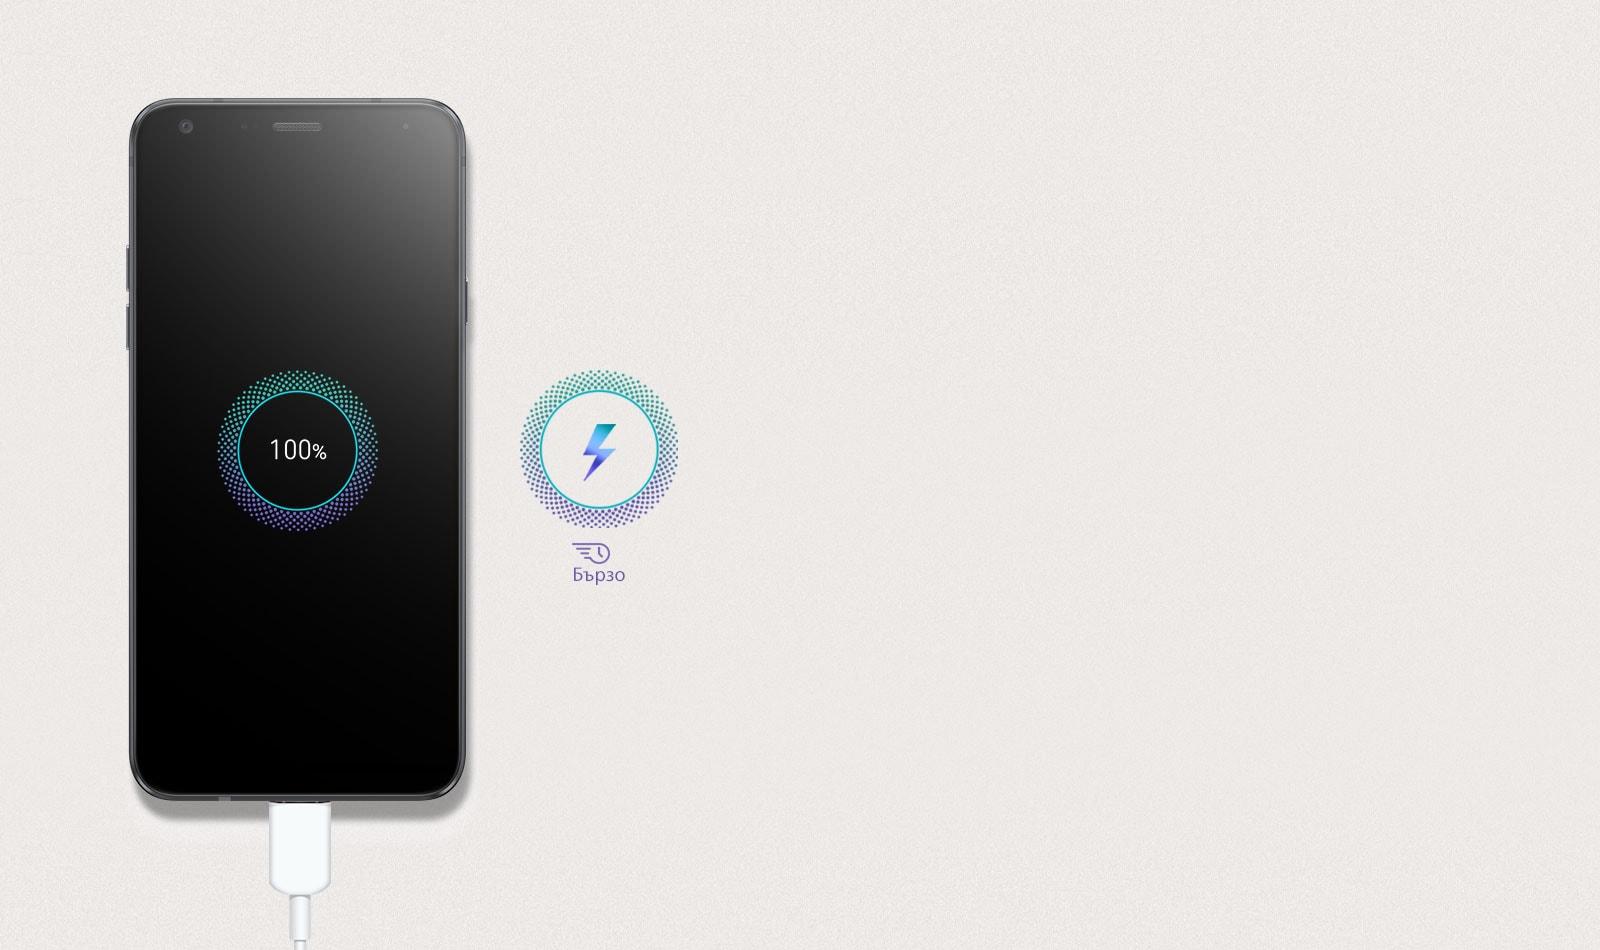 LG_Q7_Dual_SIM_Fast-charging_07102018_desktop